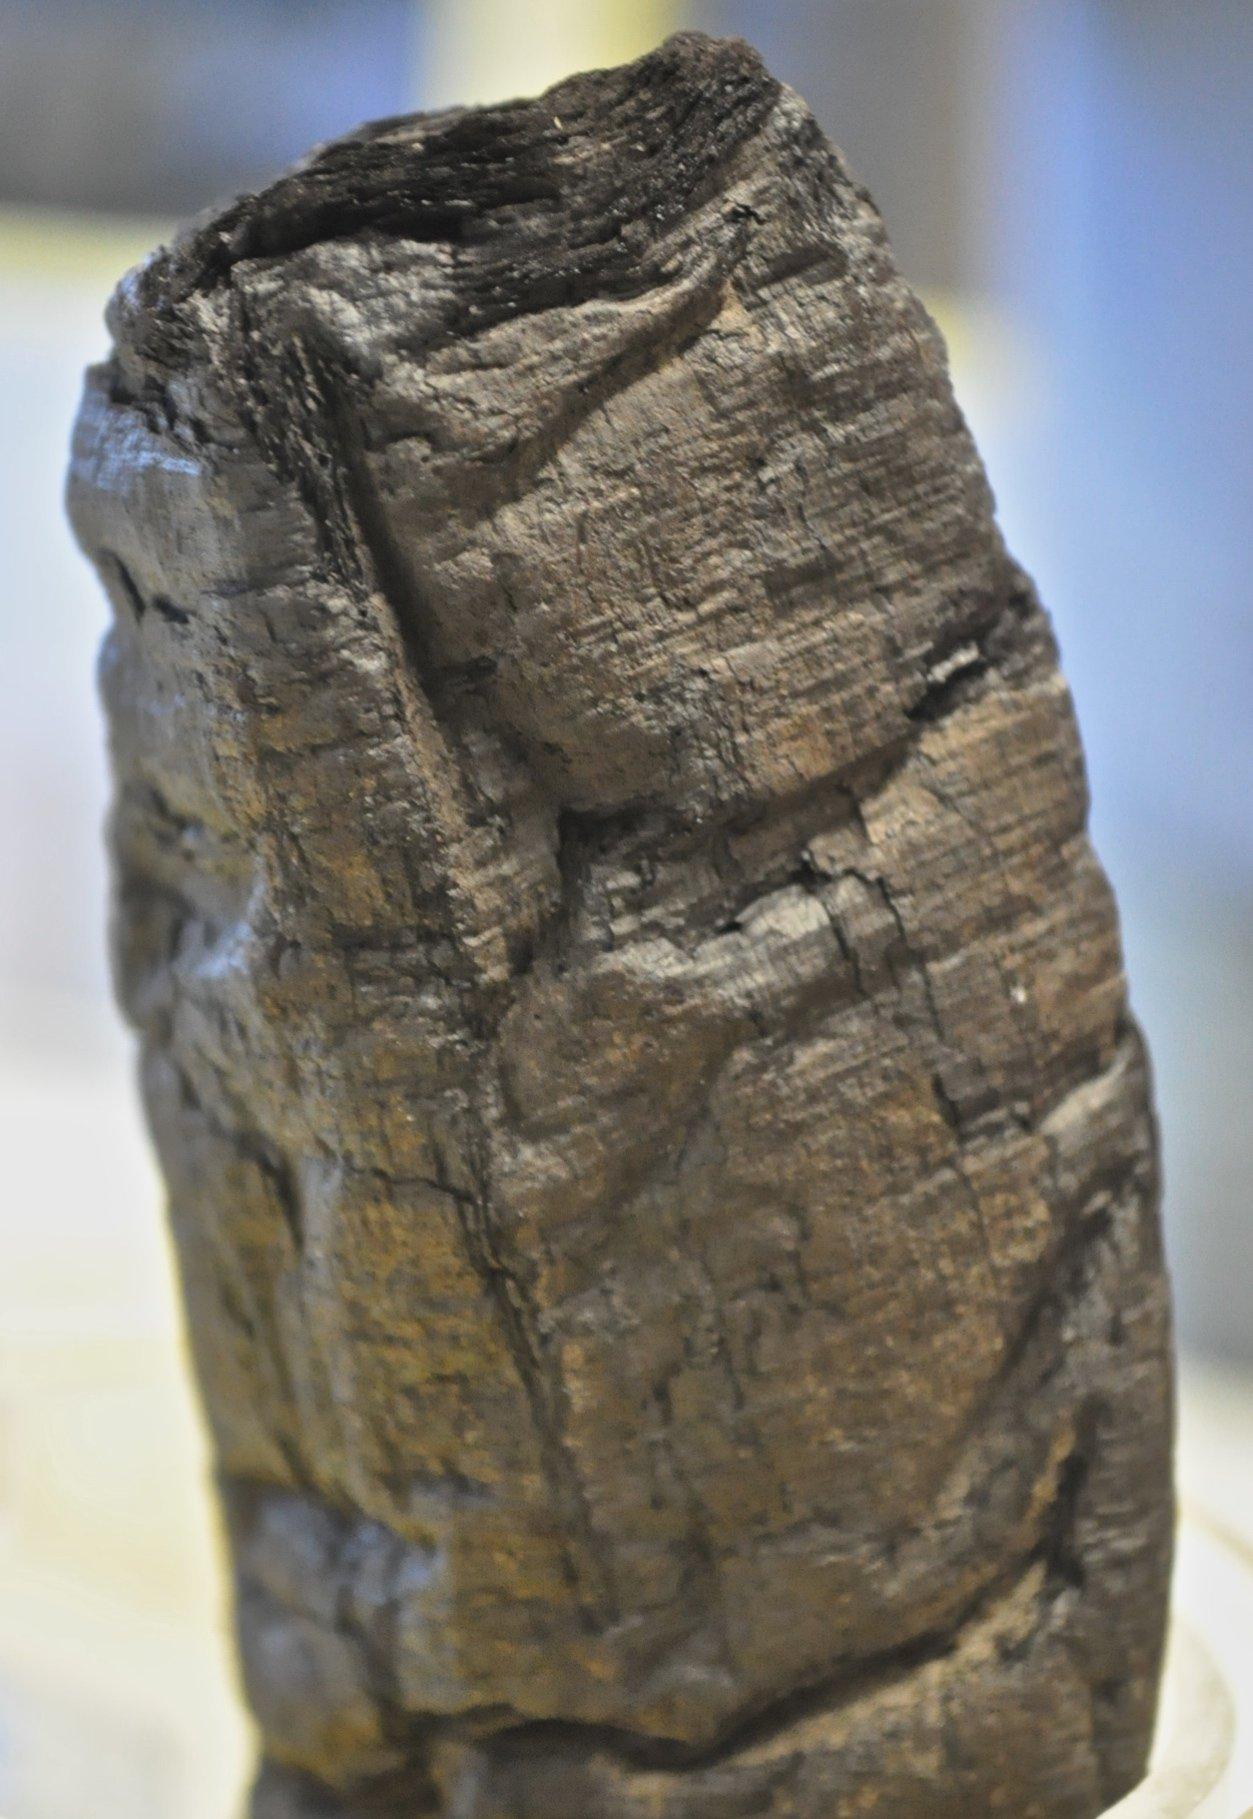 Hunderte solcher Papyrusrollen aus der Antike wurden vor 260 Jahren in der Bibliothek Villa die Papyri in derStadt Herculaneum entdeckt. Durch die Hitze des Vesuv-Ausbruchs im Jahr 79 nach Christus sind sie stark verkohlt.